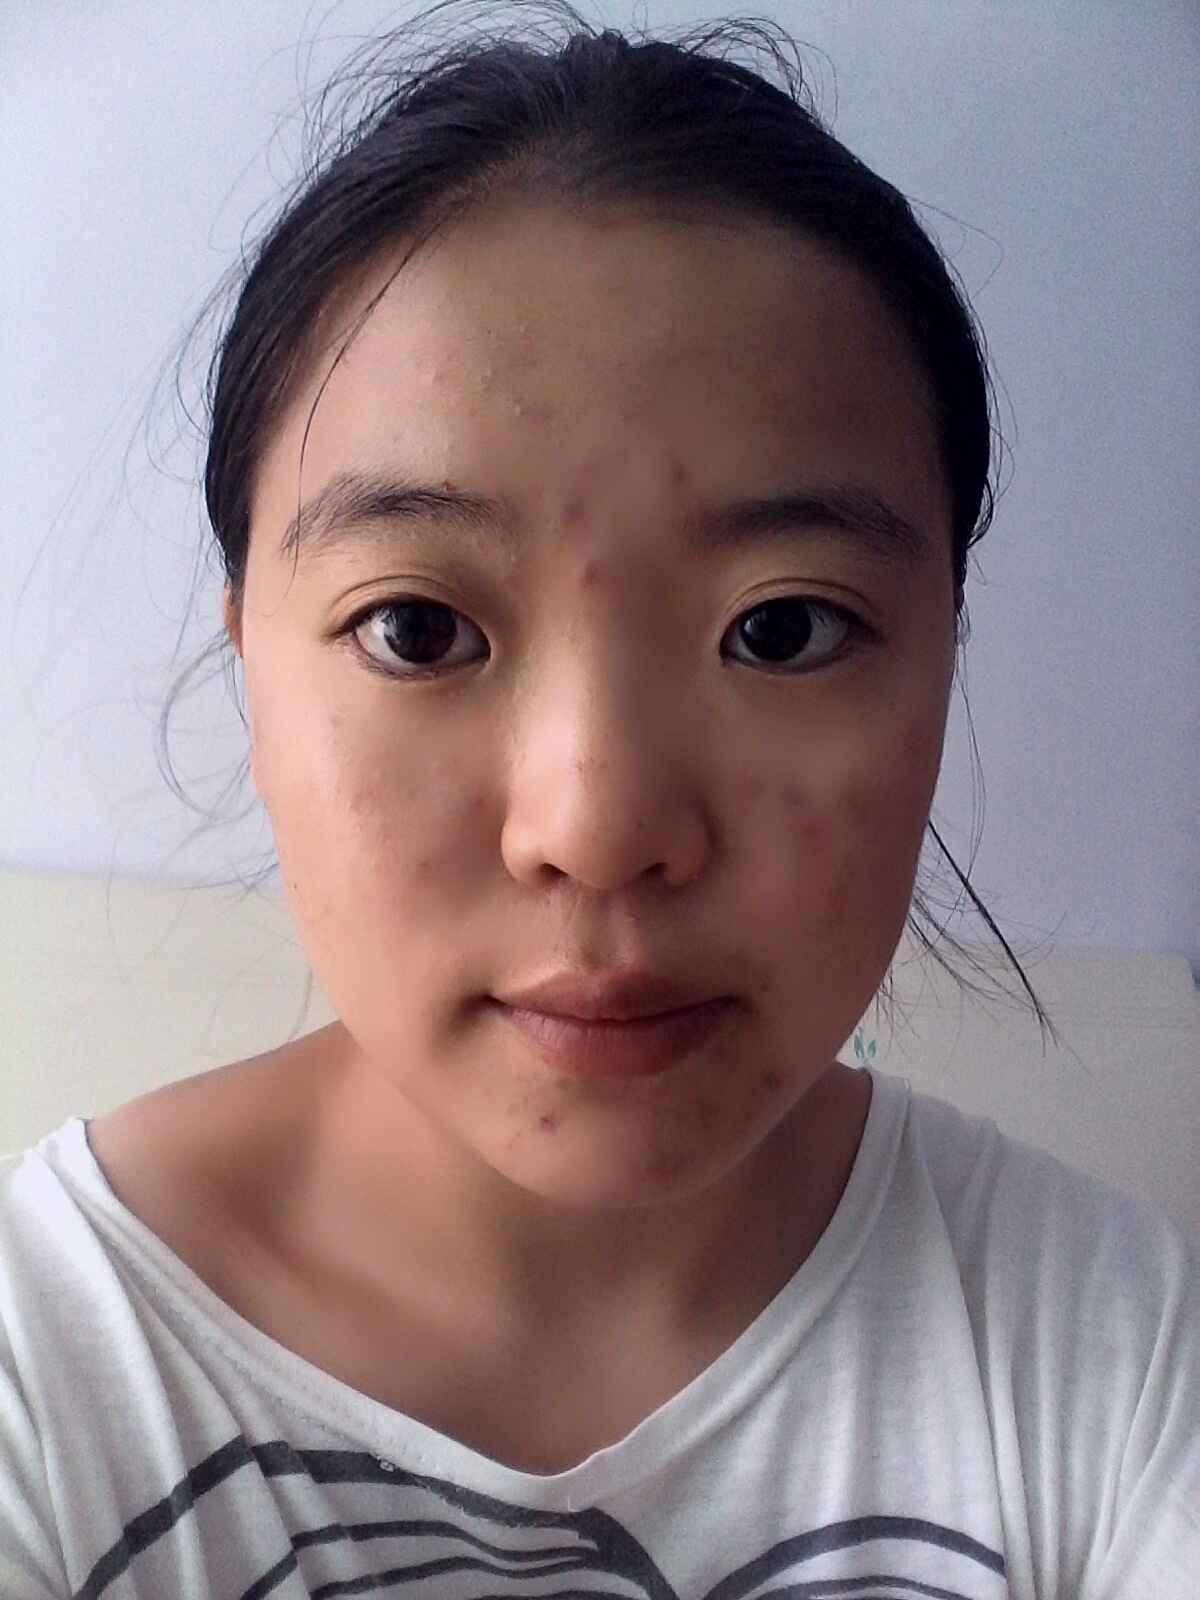 开眼角术后恢复需要多长时间?丑,皮肤也是特别的差,看蓝色深海传说电视剧里面说皮肤管理那个有用吗?